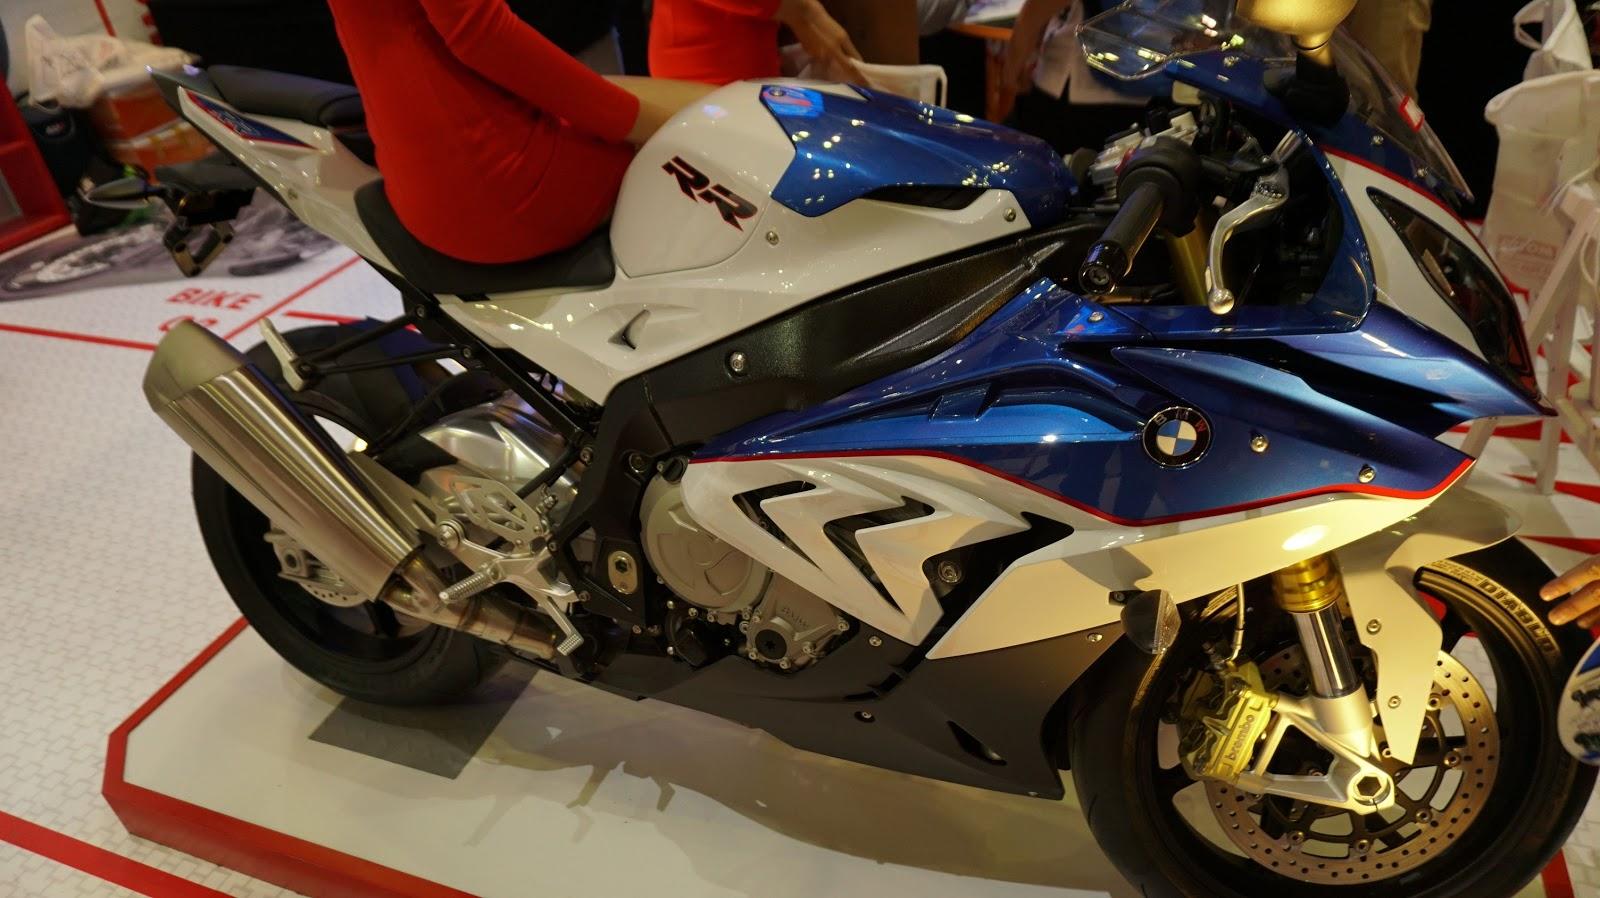 BMW S1000RR là một chiếc siêu mô tô siêu mạnh